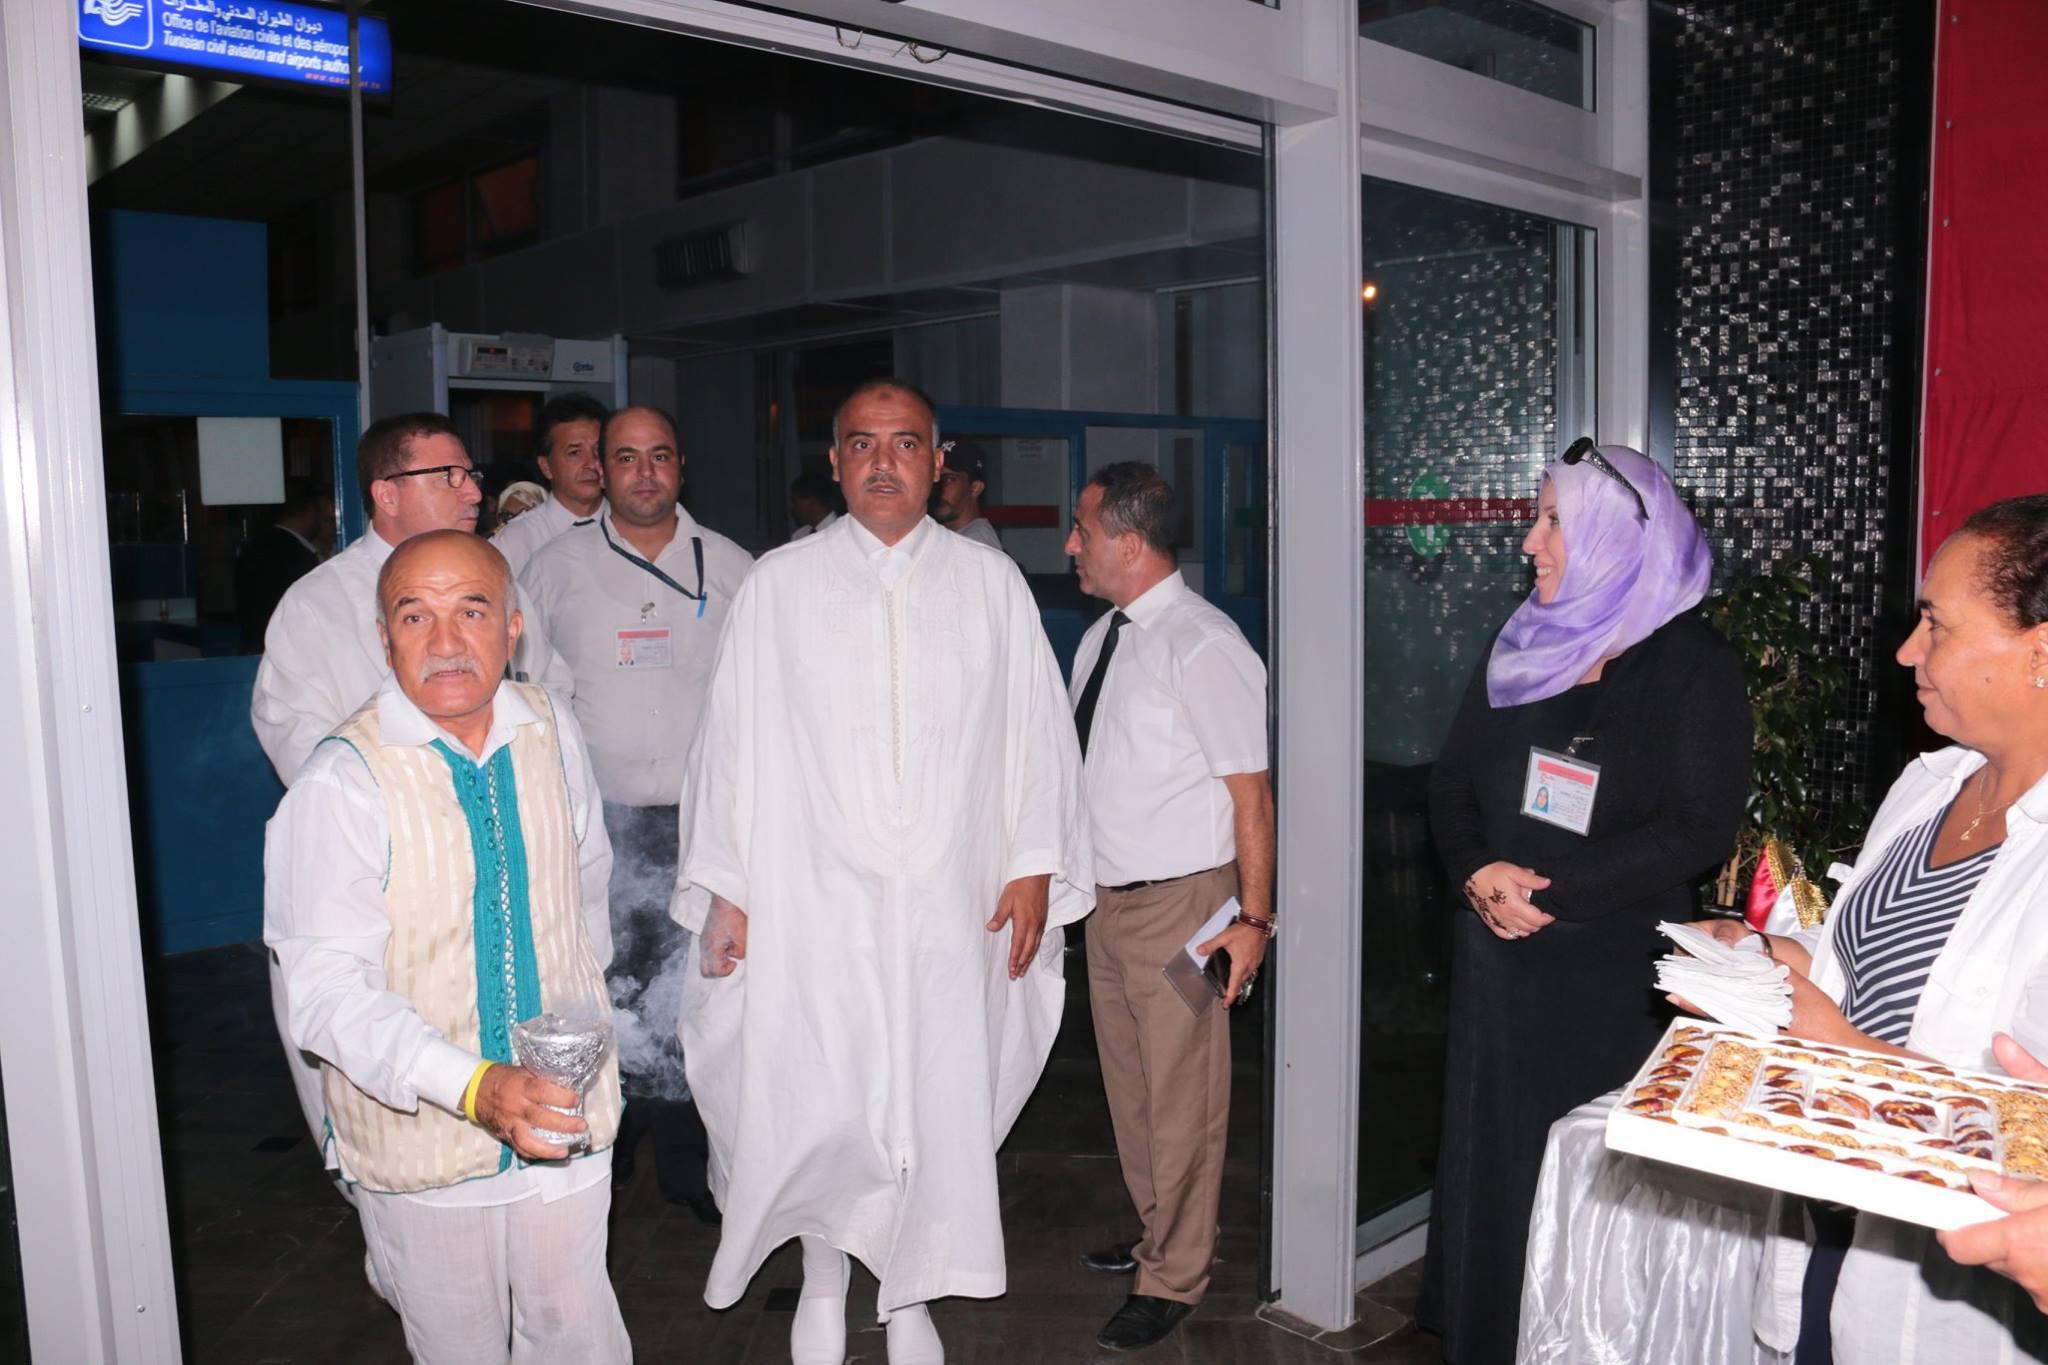 بالصّور : إنطلاق رحلة الوفد الرسمي لموسم الحج 2018 بإتجاه البقاع المقدسة